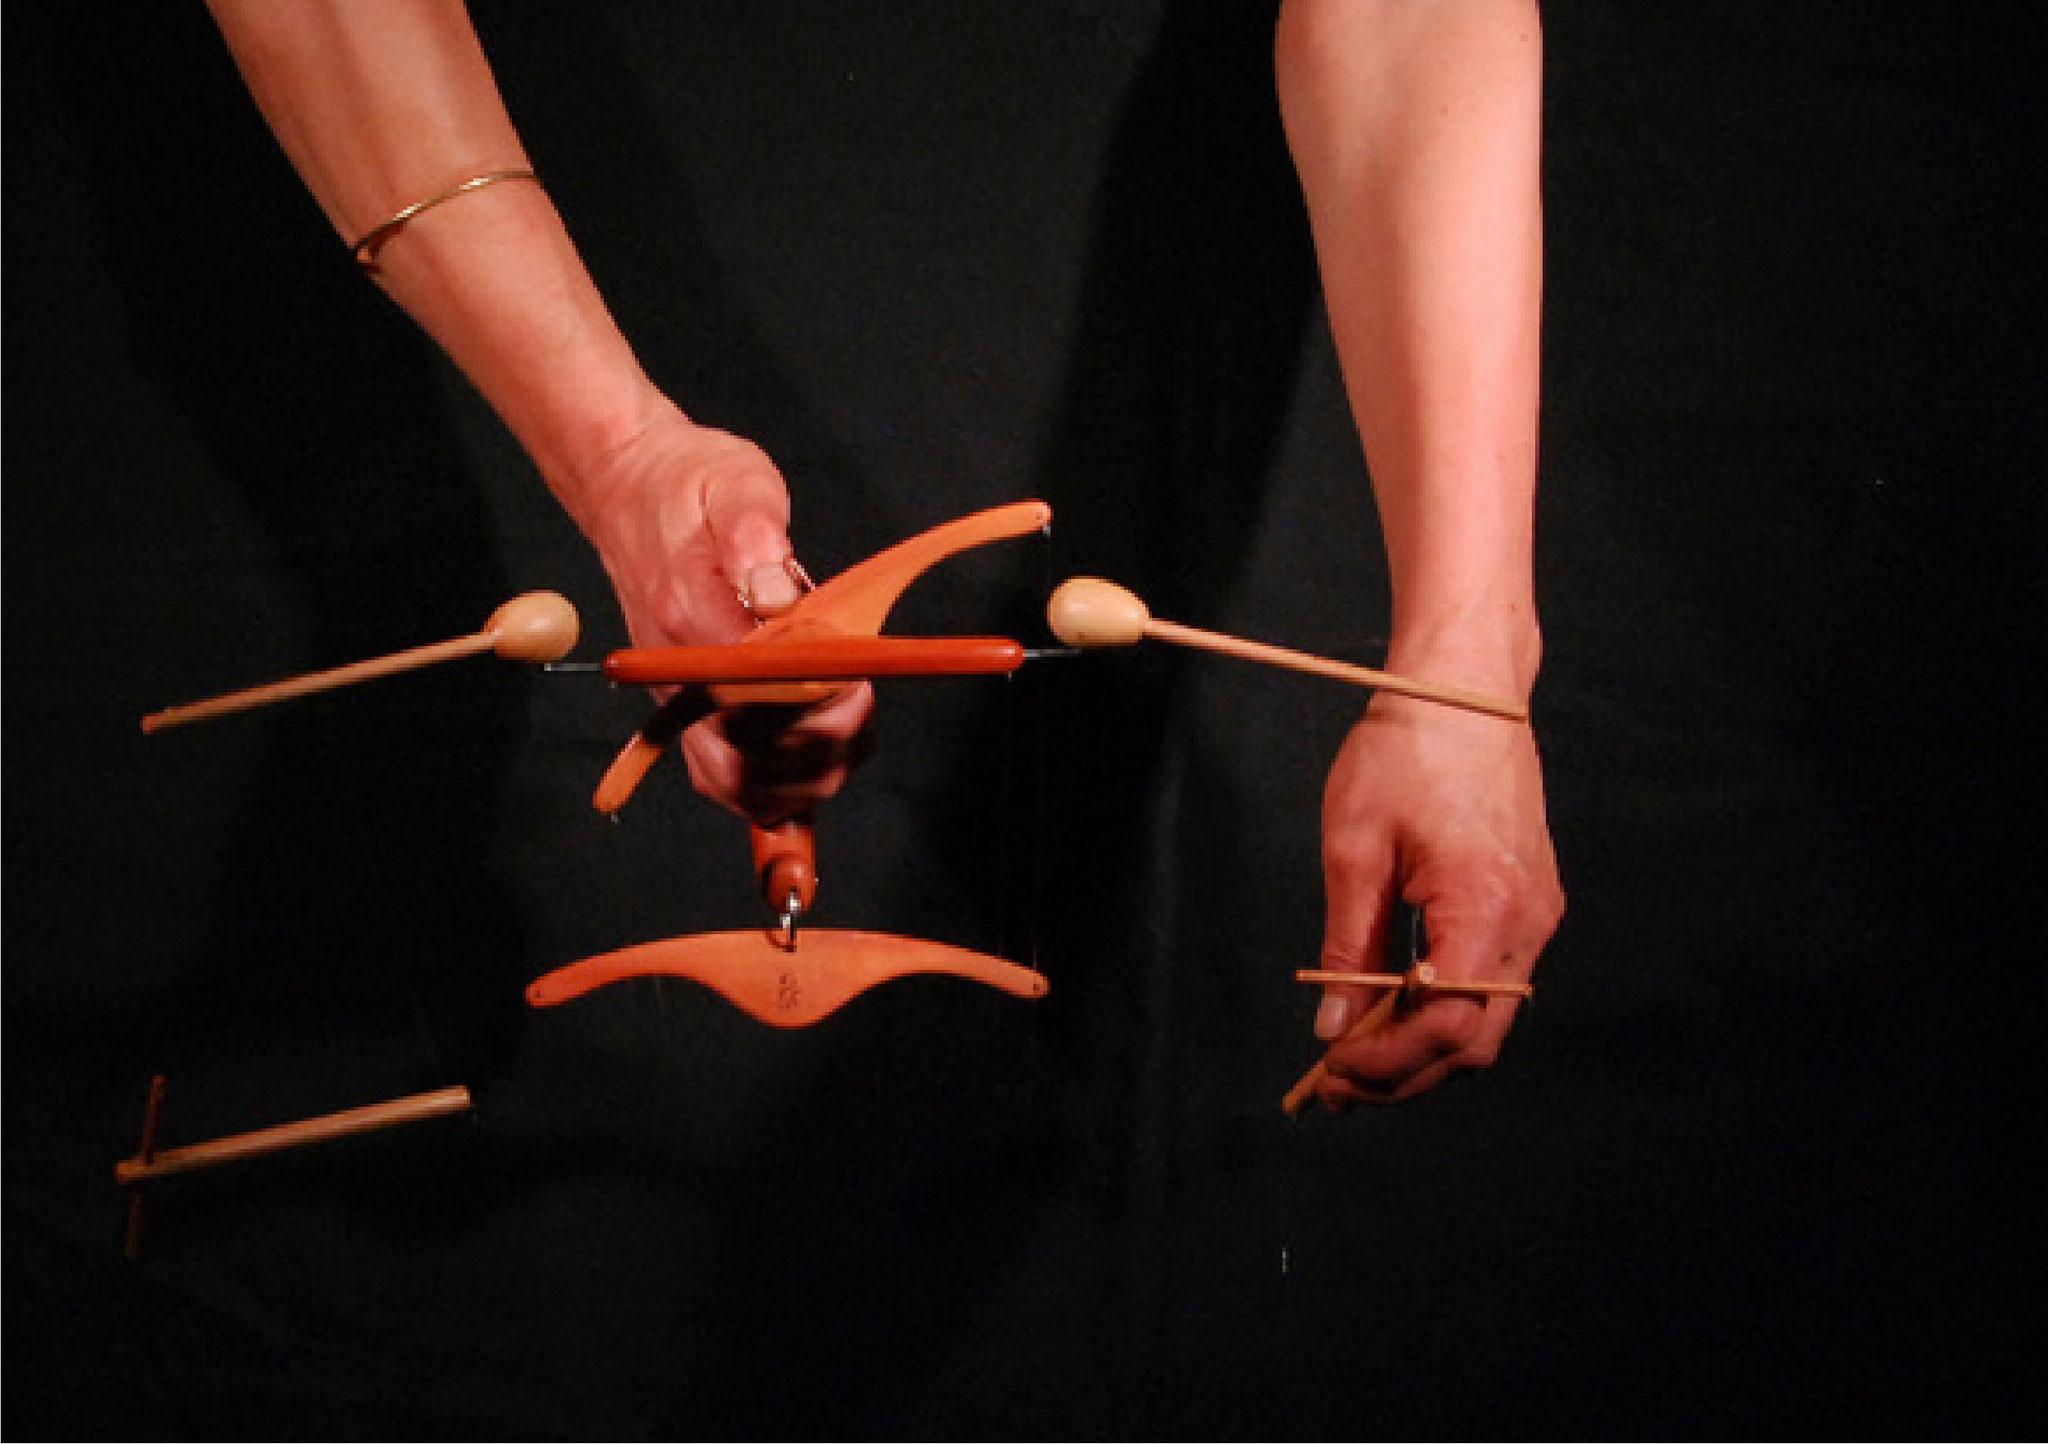 Das PendelSpielkreuz liegt gut in der Hand und ermöglicht auf einfache Weise verblüffend natürliche Bewegungsabläufe.